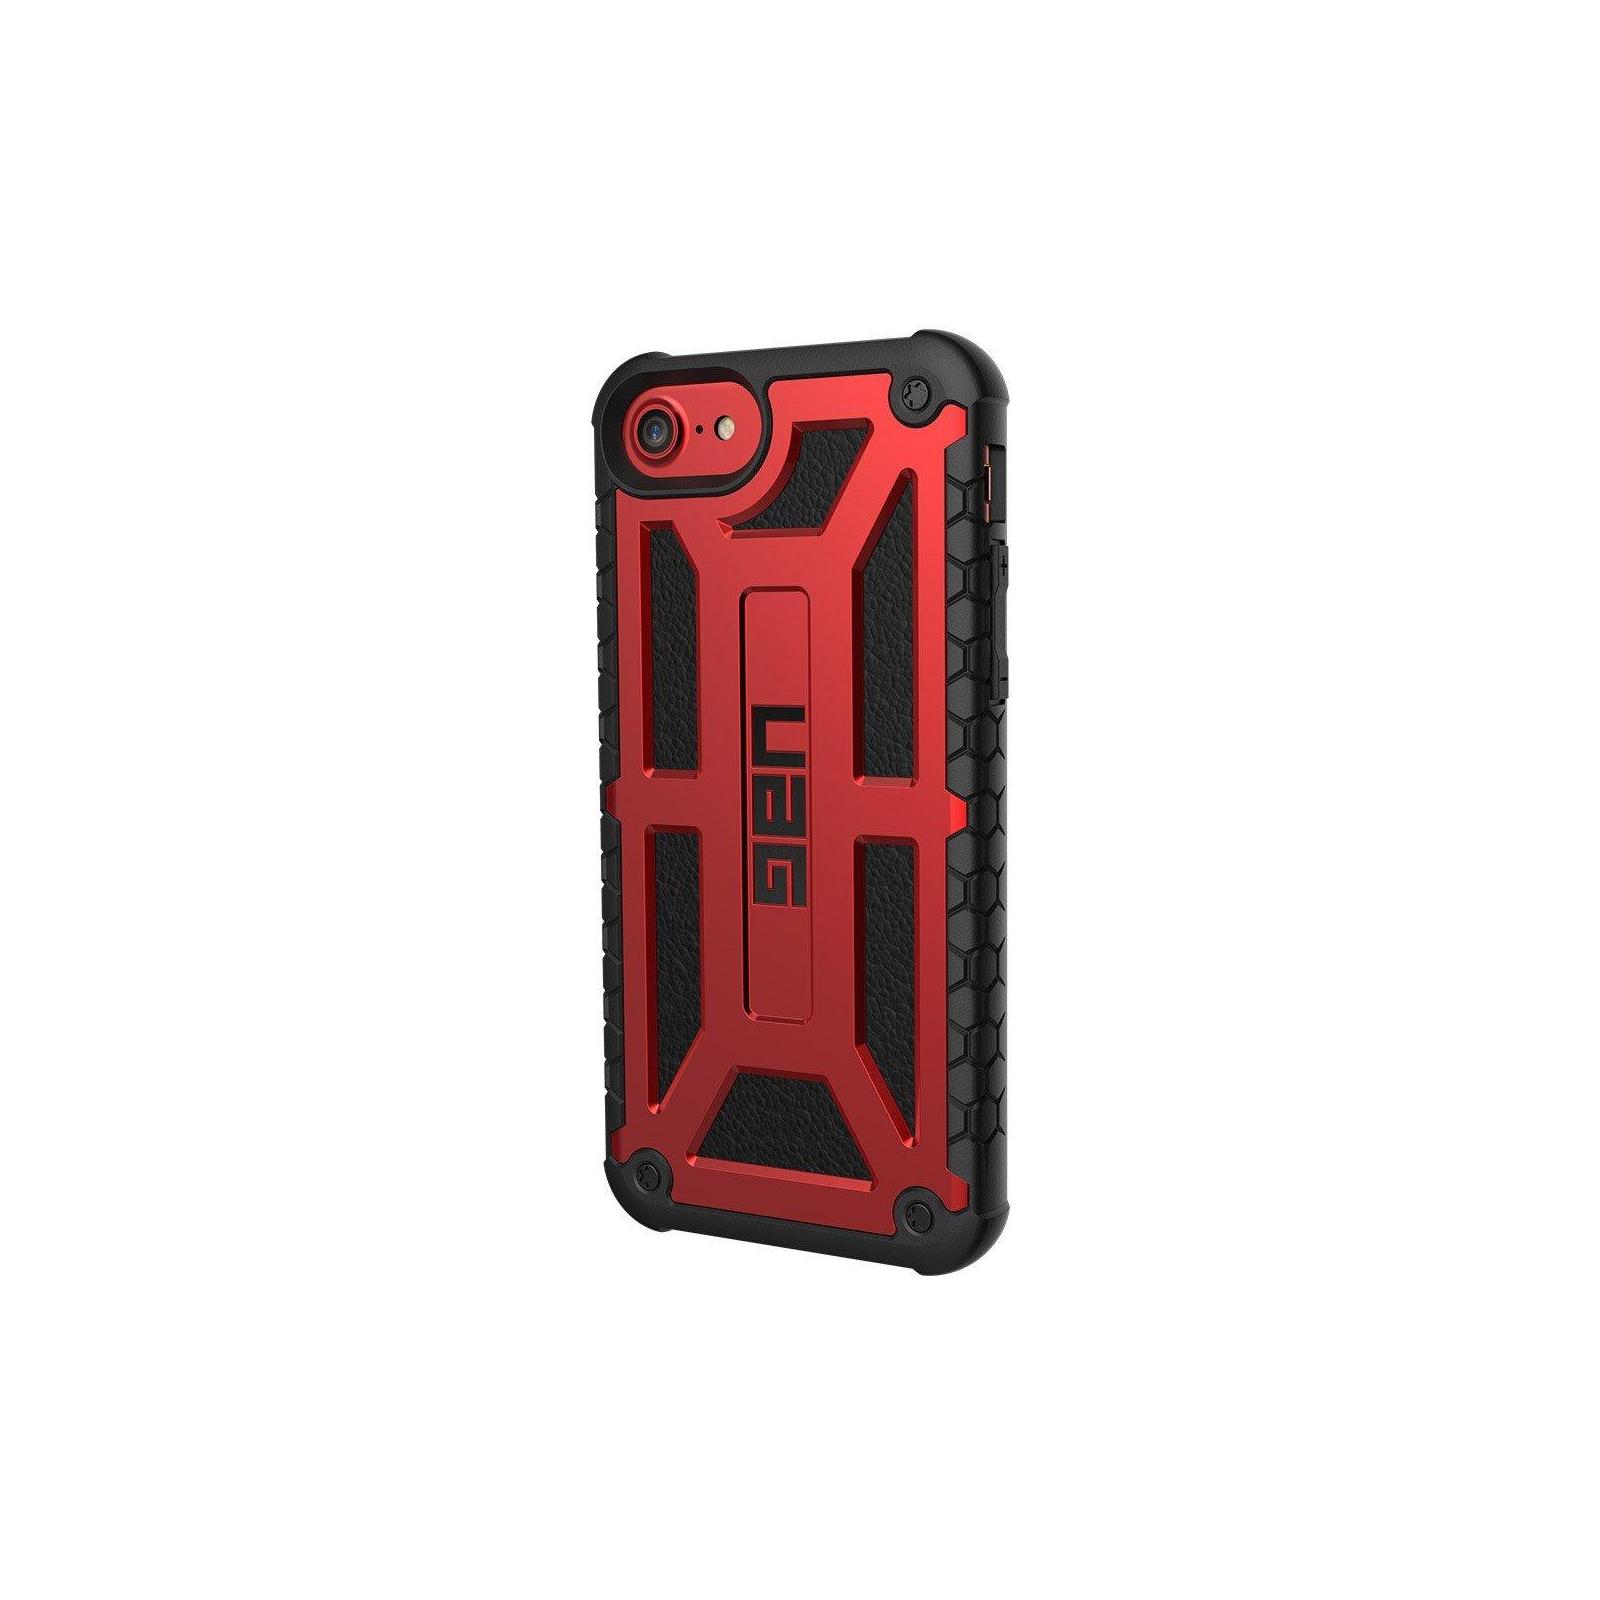 Чехол для моб. телефона UAG iPhone 8/7/6S/6 Monarch Crimson (IPH8/7-M-CR) изображение 2